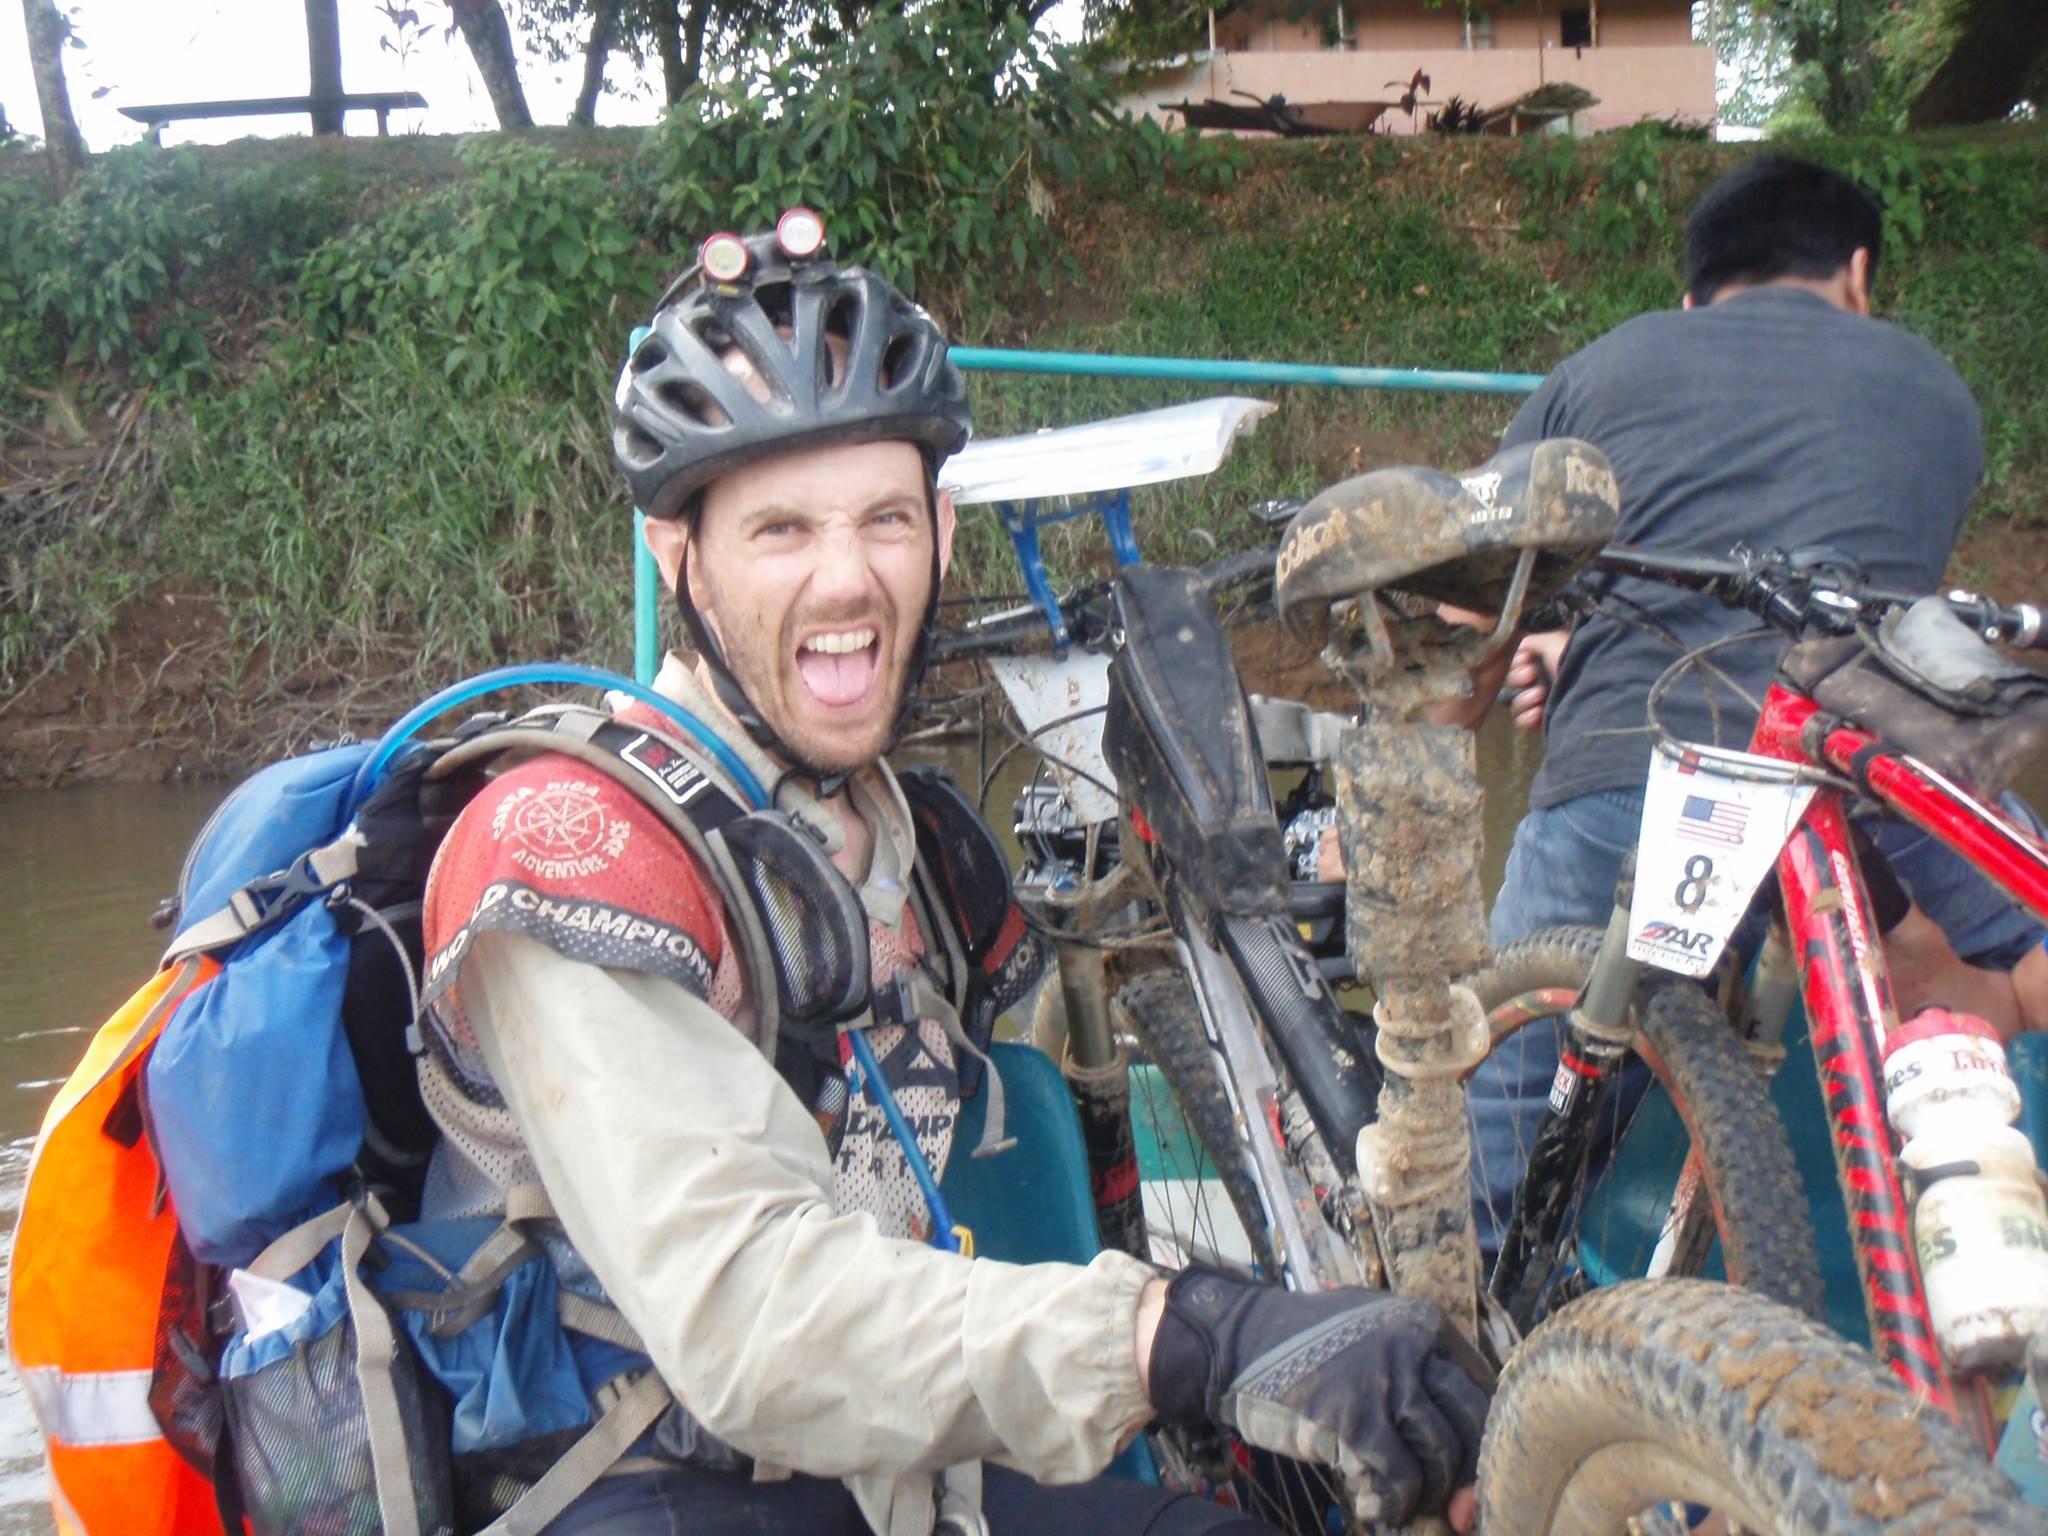 Costa Rica Bike Ferry Jason.jpg